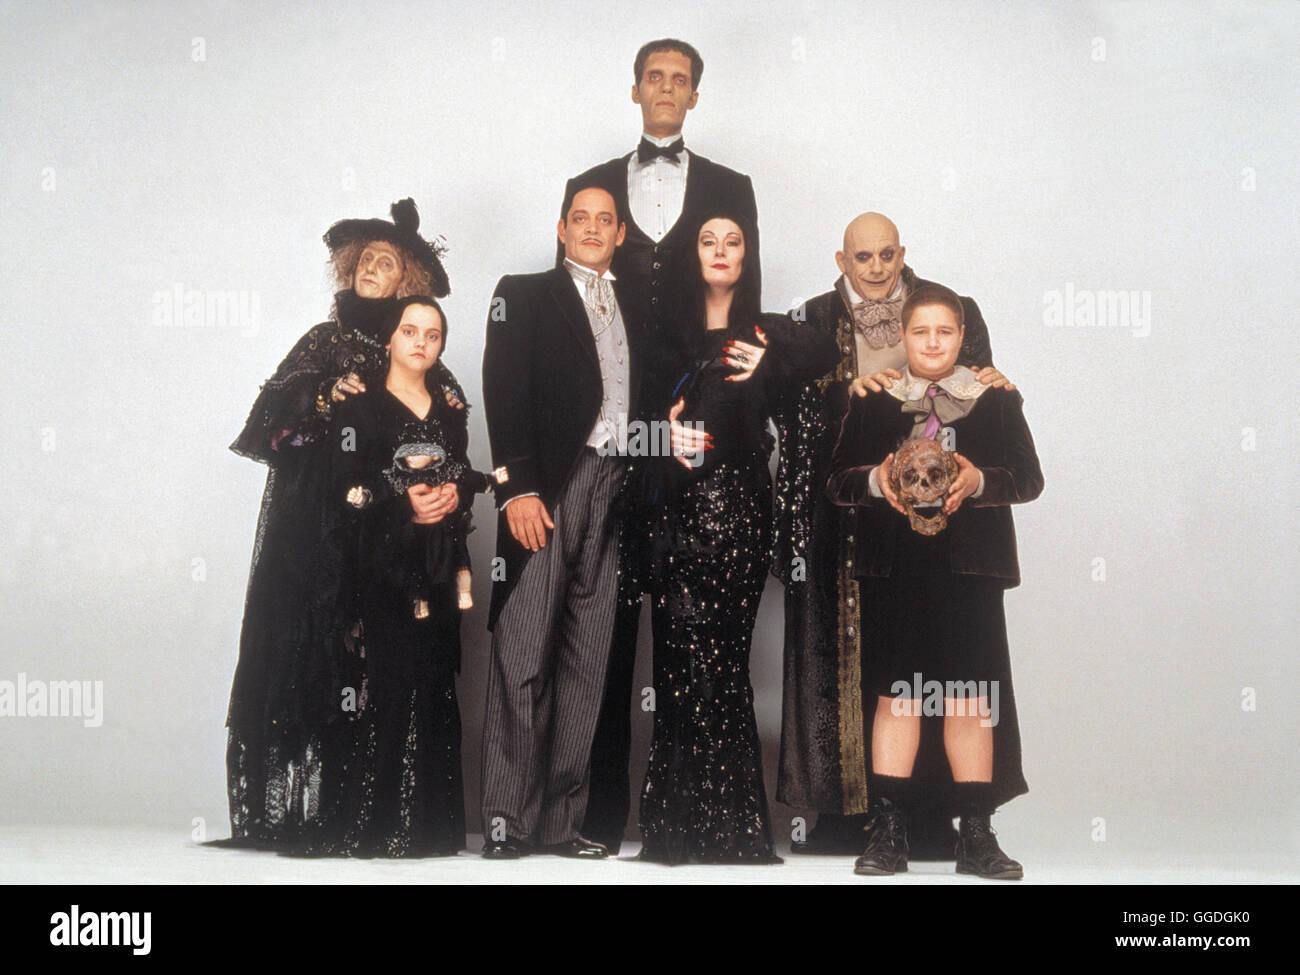 Addams Family Values Morticia Stock Photos Addams Family Values